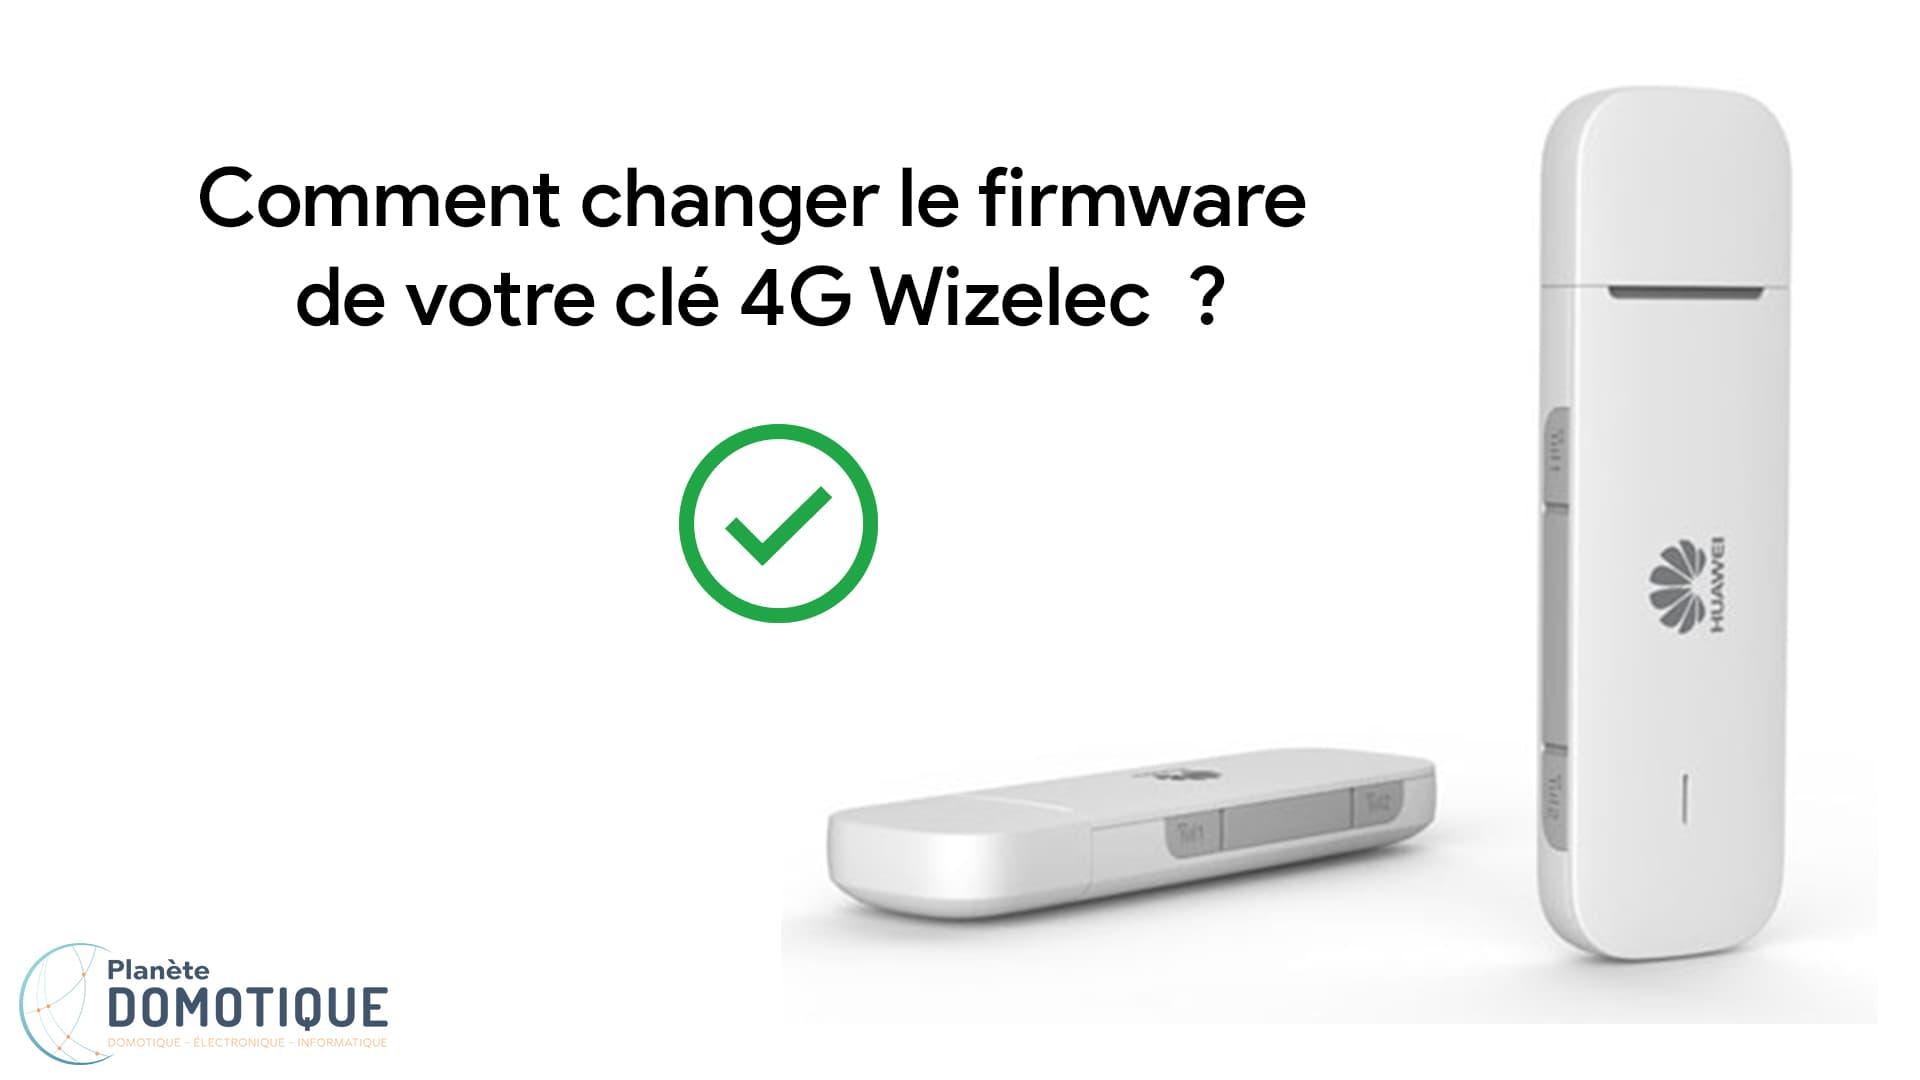 Changer le firmware de votre clé 4G Wizelec Huawei E3372